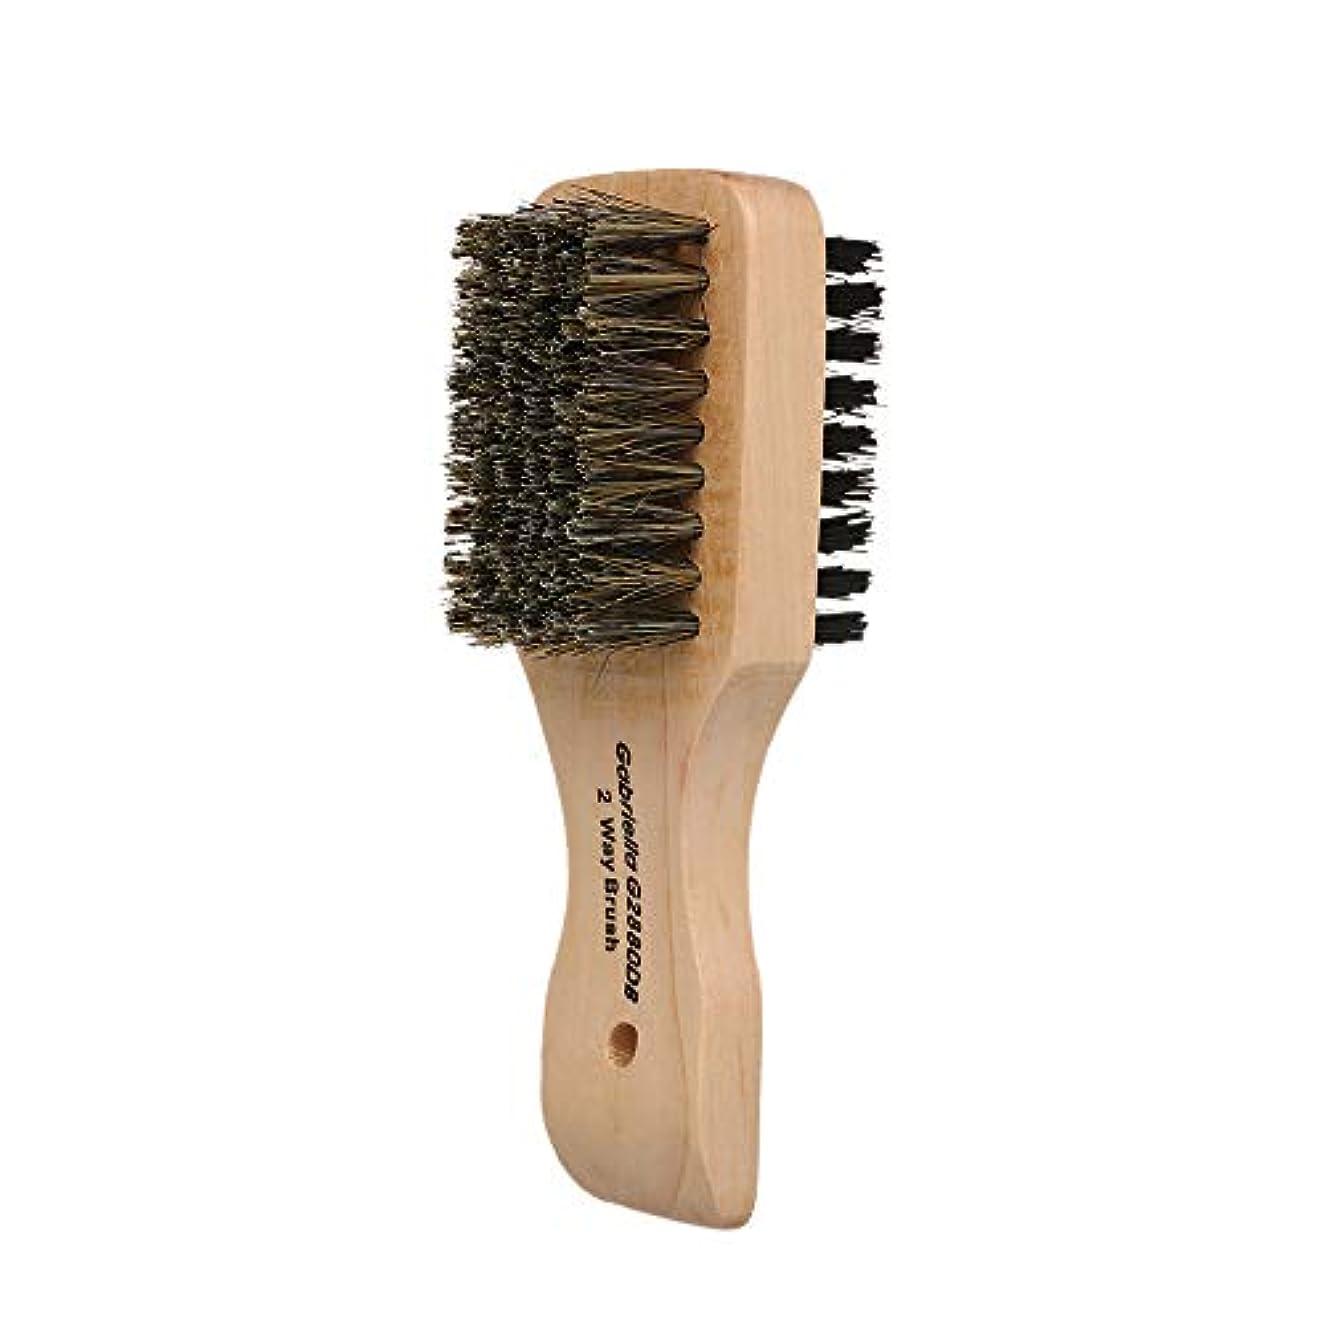 負鳴らすディプロマDecdeal シェービングブラシ メンズ 理容 洗顔 髭剃り